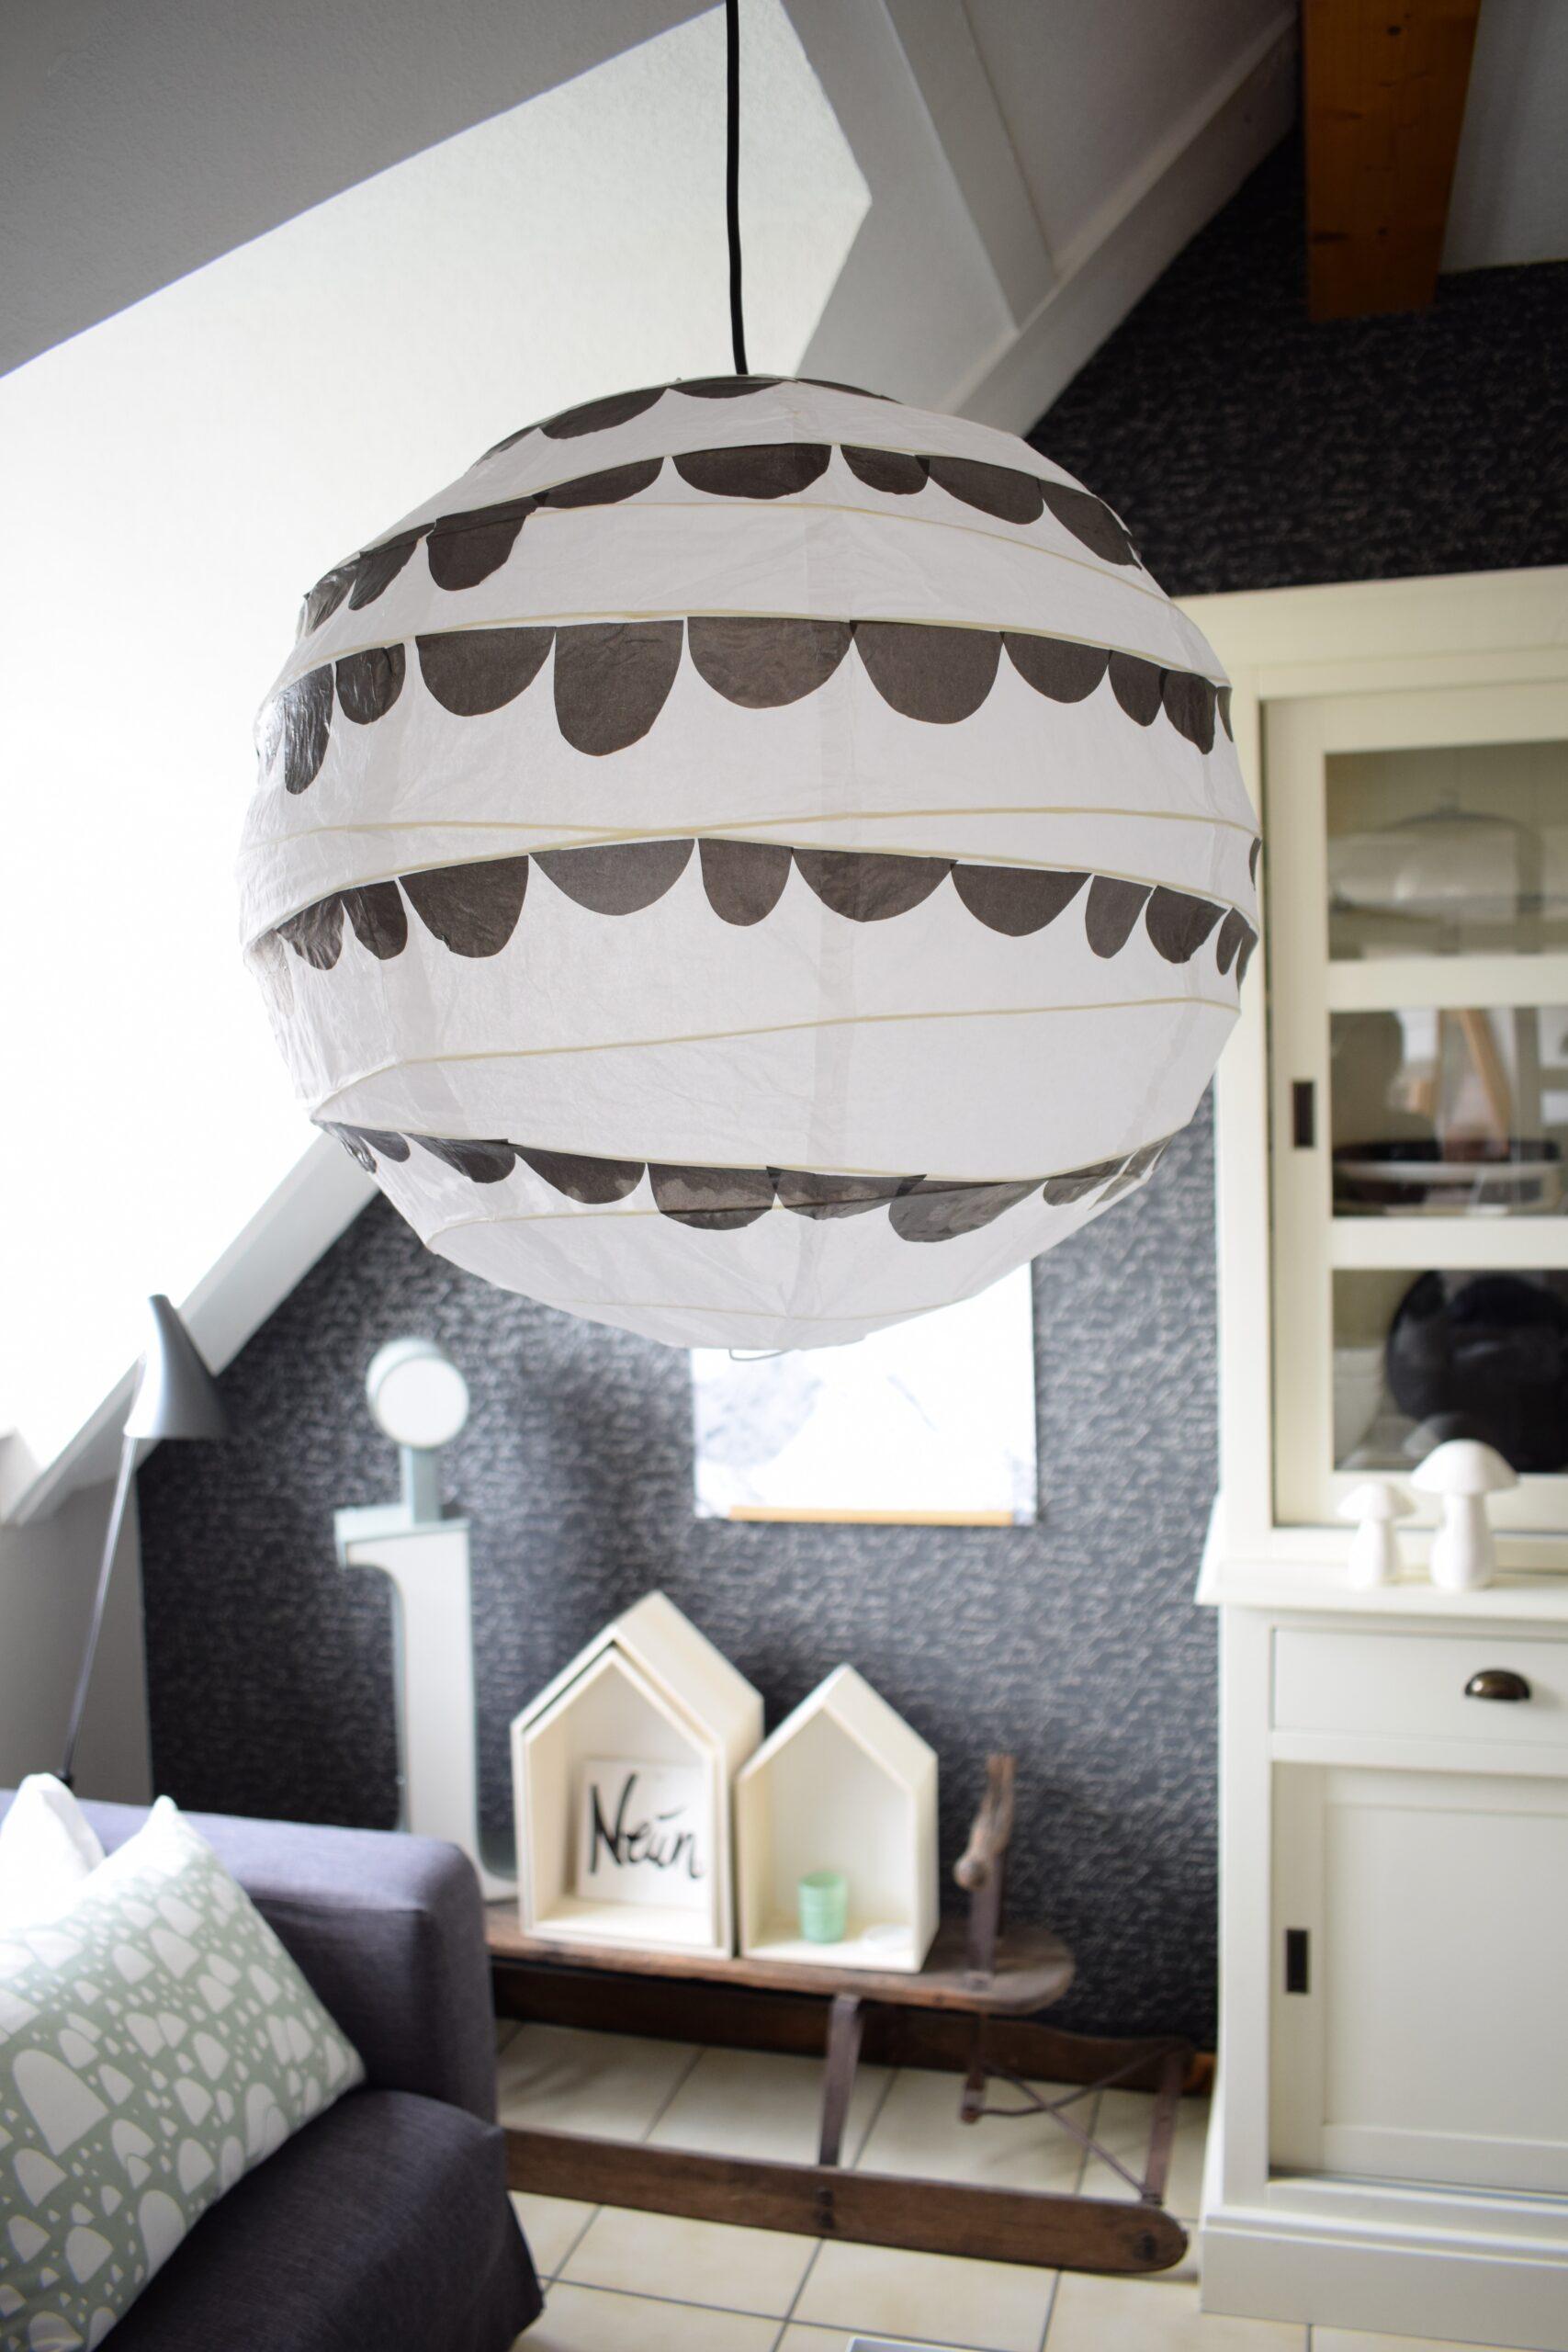 Full Size of Ikea Wohnzimmer Lampe Lampenschirm Leuchten Lampen Led Sofa Kleines Hängelampe Deckenlampe Küche Teppiche Gardinen Für Deckenlampen Modern Hängeschrank Wohnzimmer Ikea Wohnzimmer Lampe